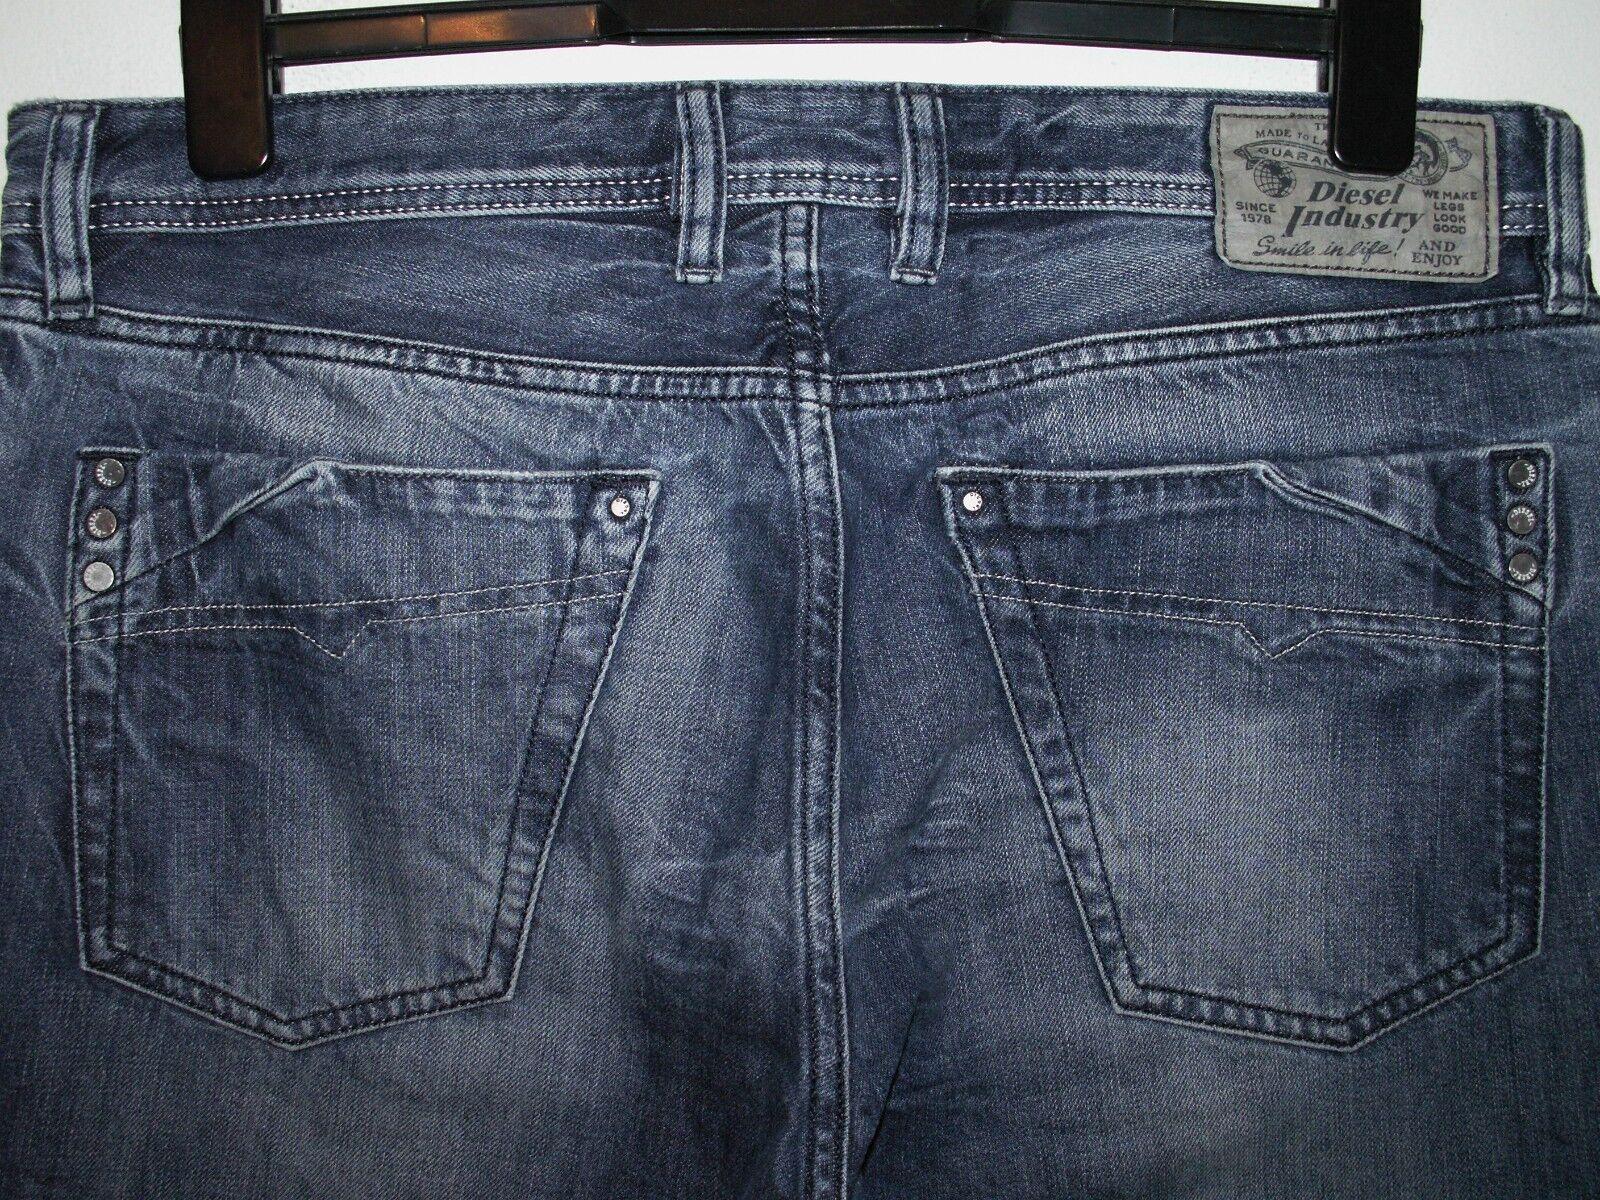 Diesel mennit regular-straight fit jeans wash 008B9 W34 L32 (a3422)